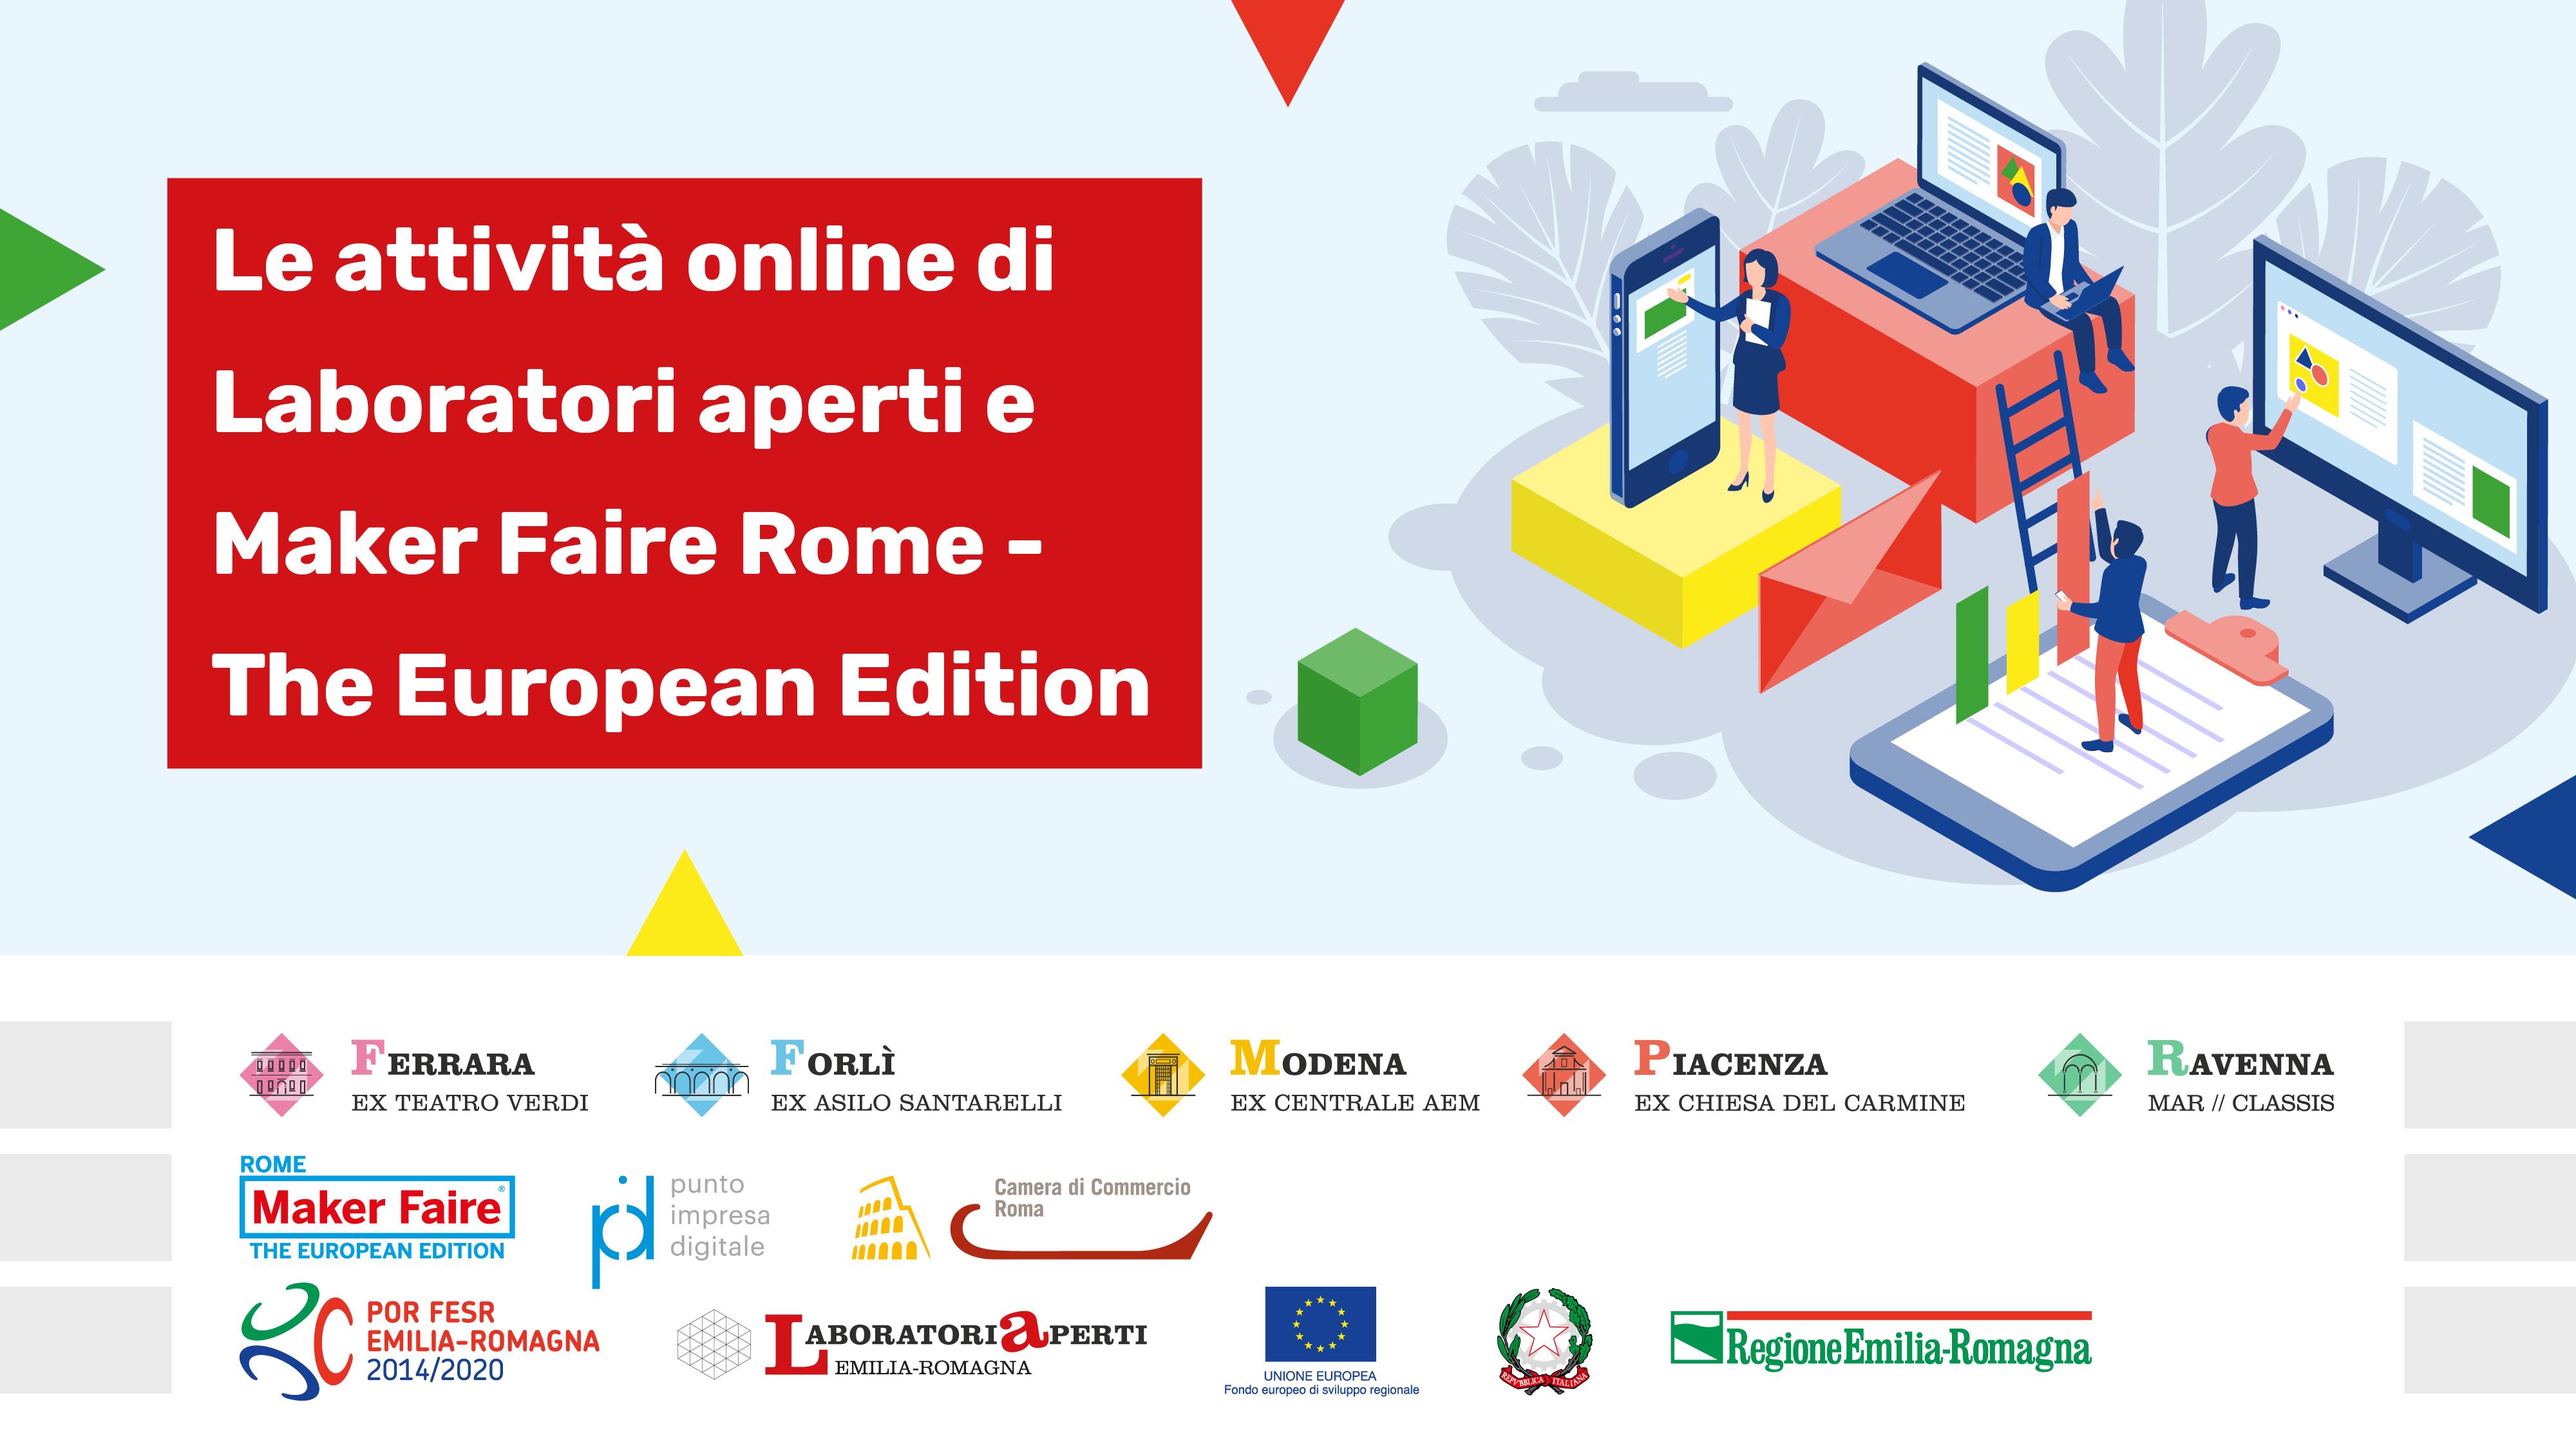 LE ATTIVITà online dei Laboratori Aperti e di Maker Faire Rome – The European Edition